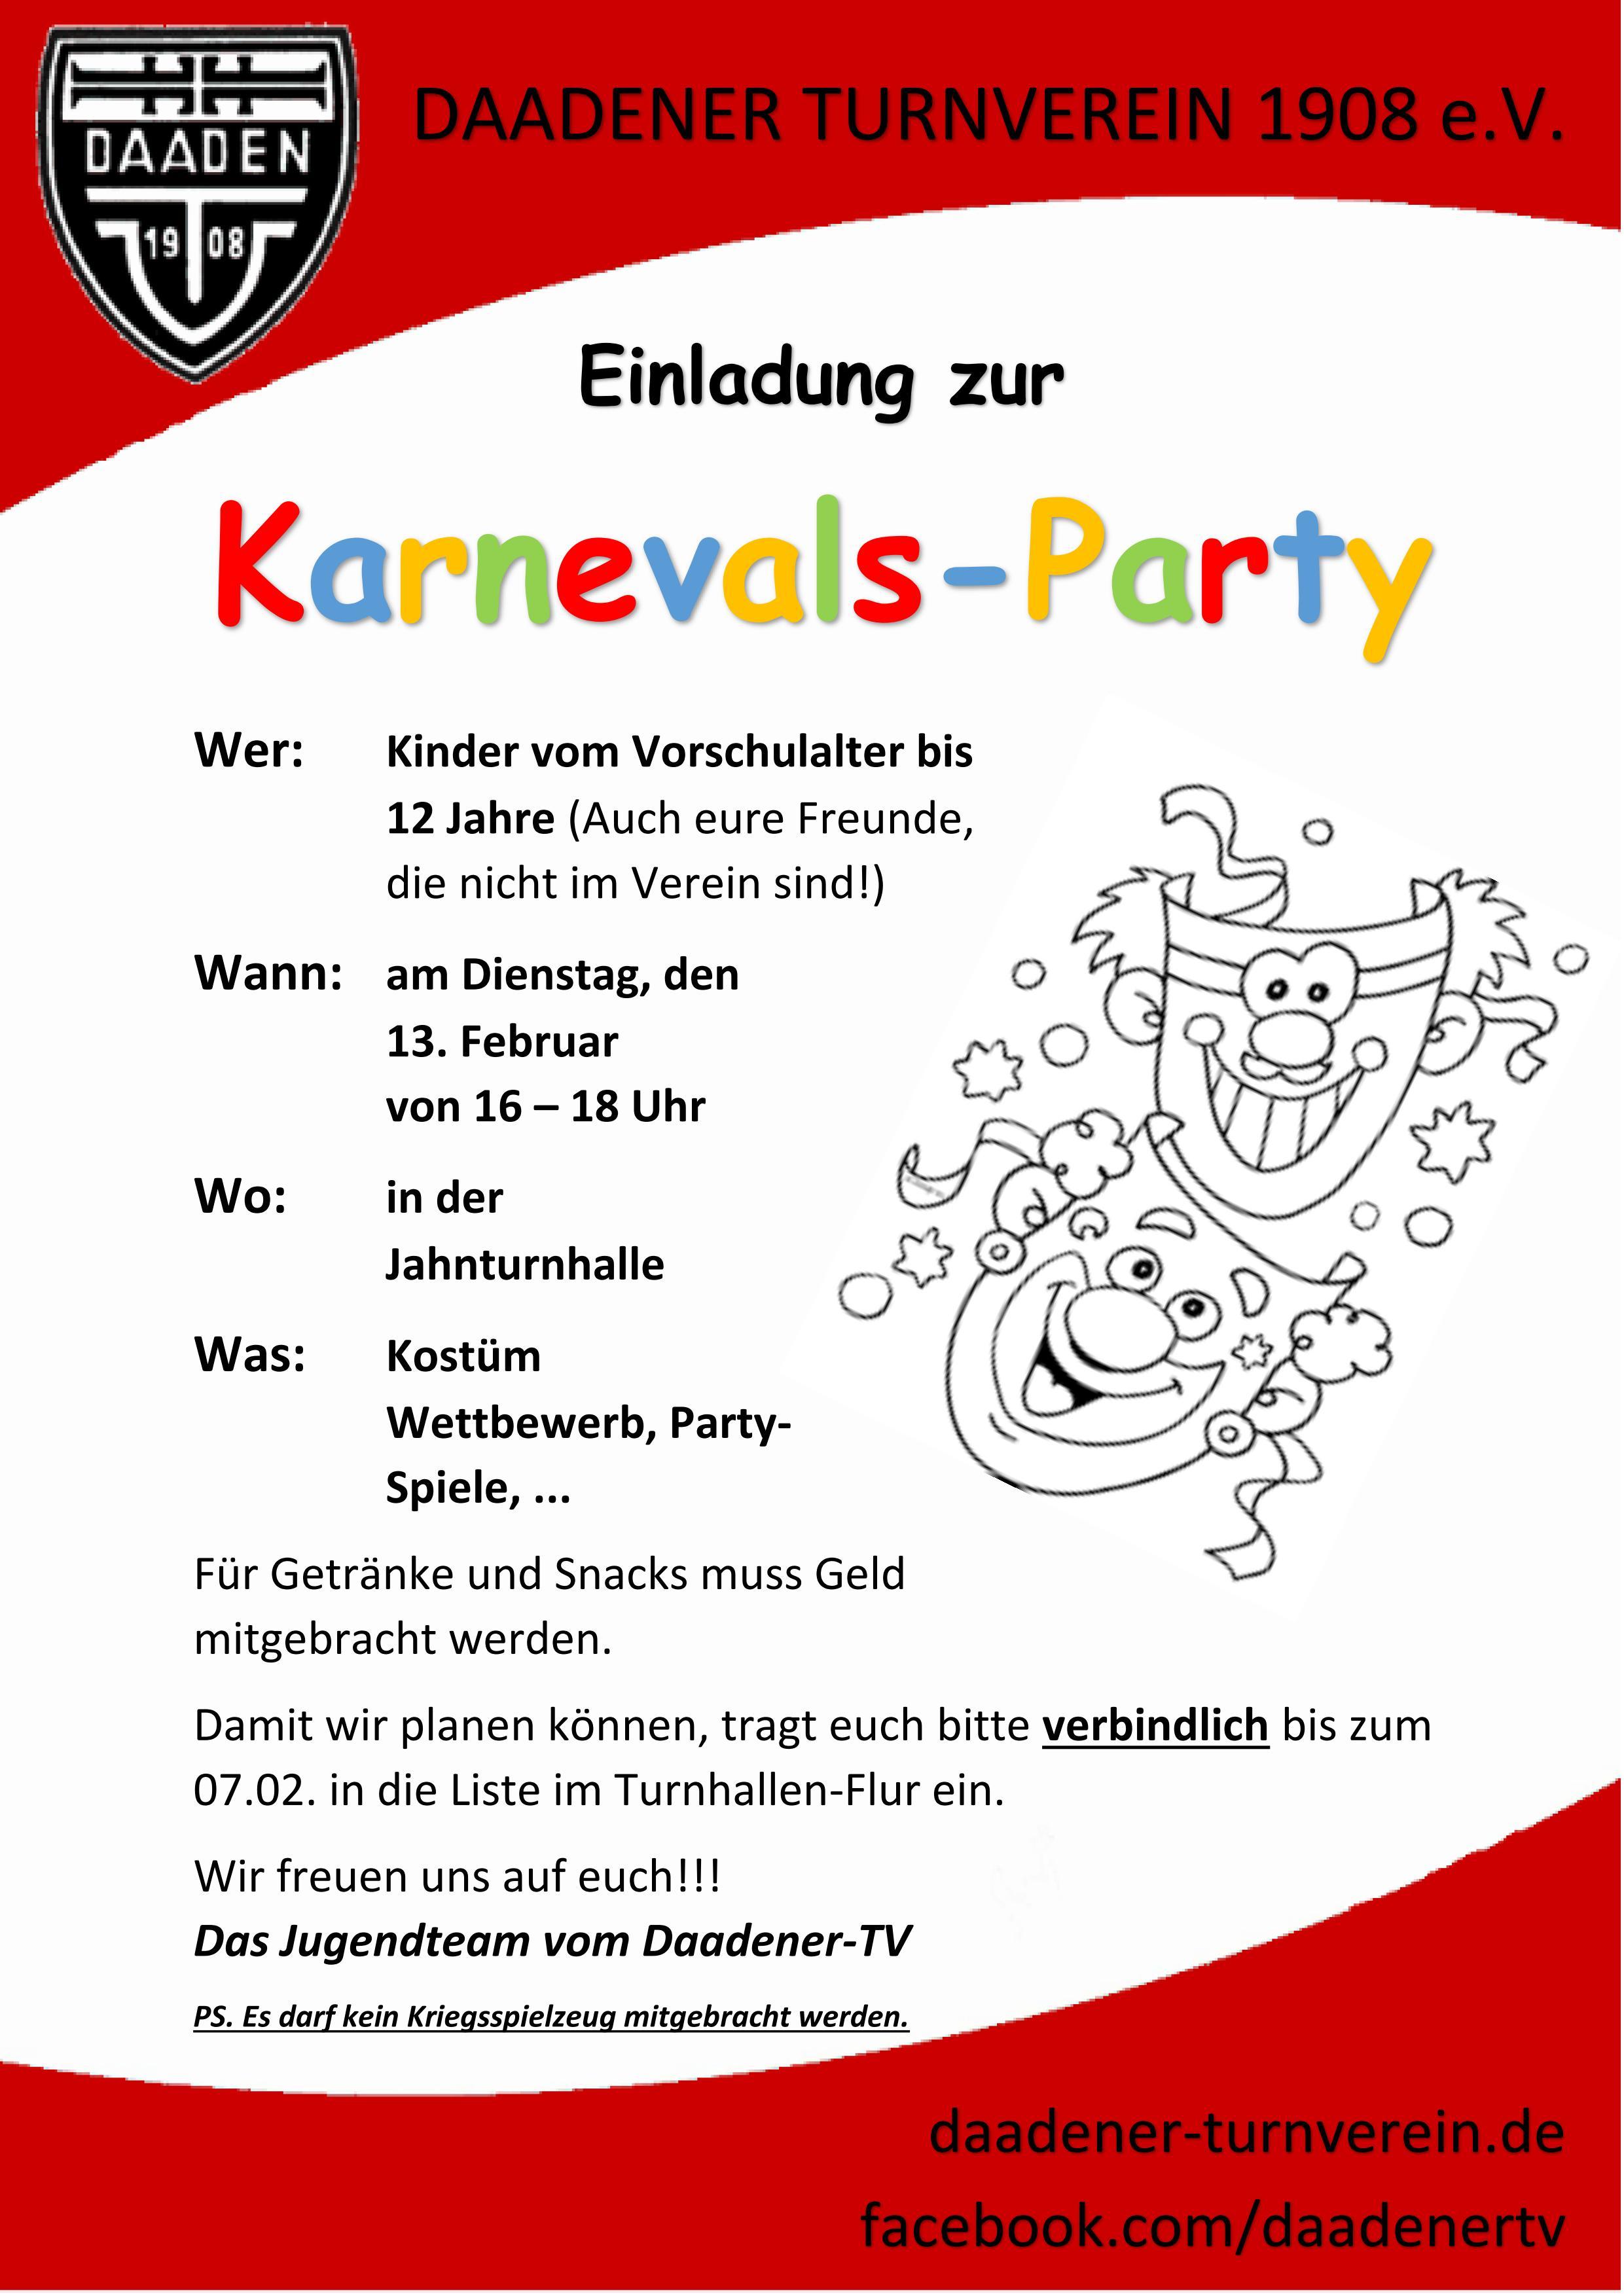 Kinder-Karnevals-Party 2018 – Daadener Turnverein 1908 e.V.